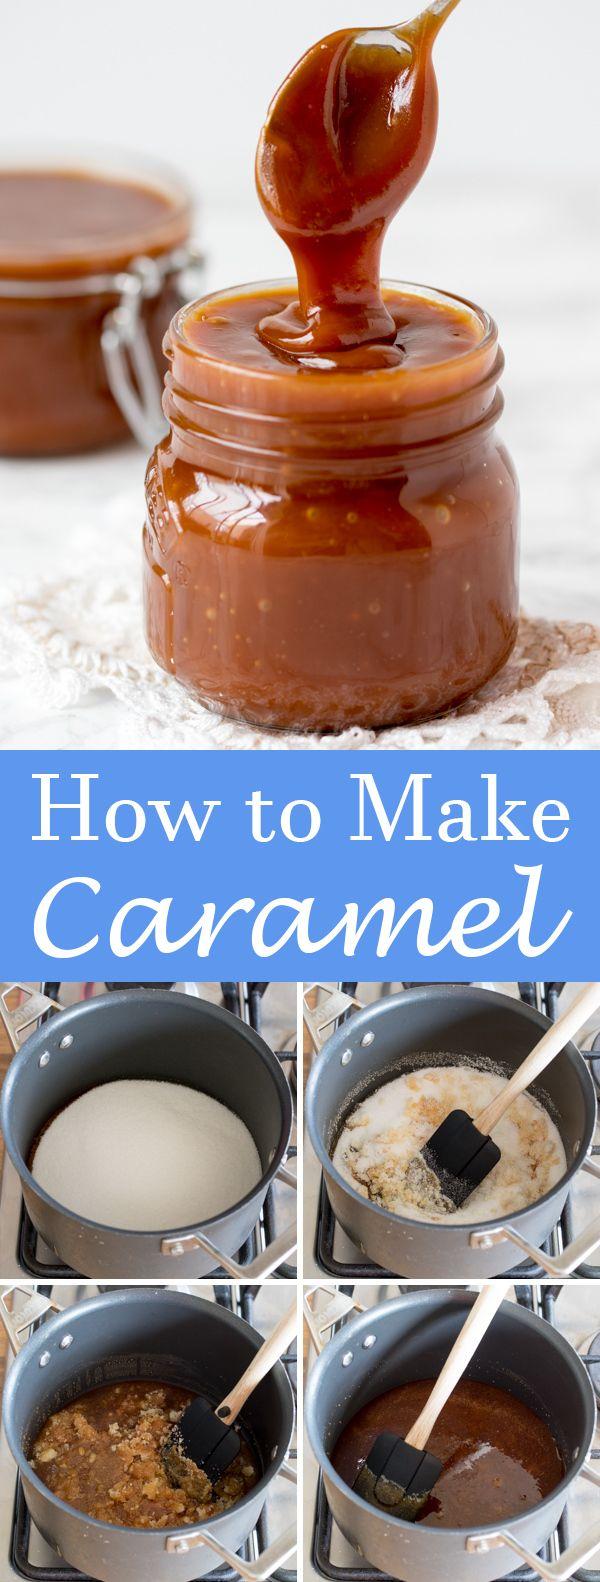 caramel vulling